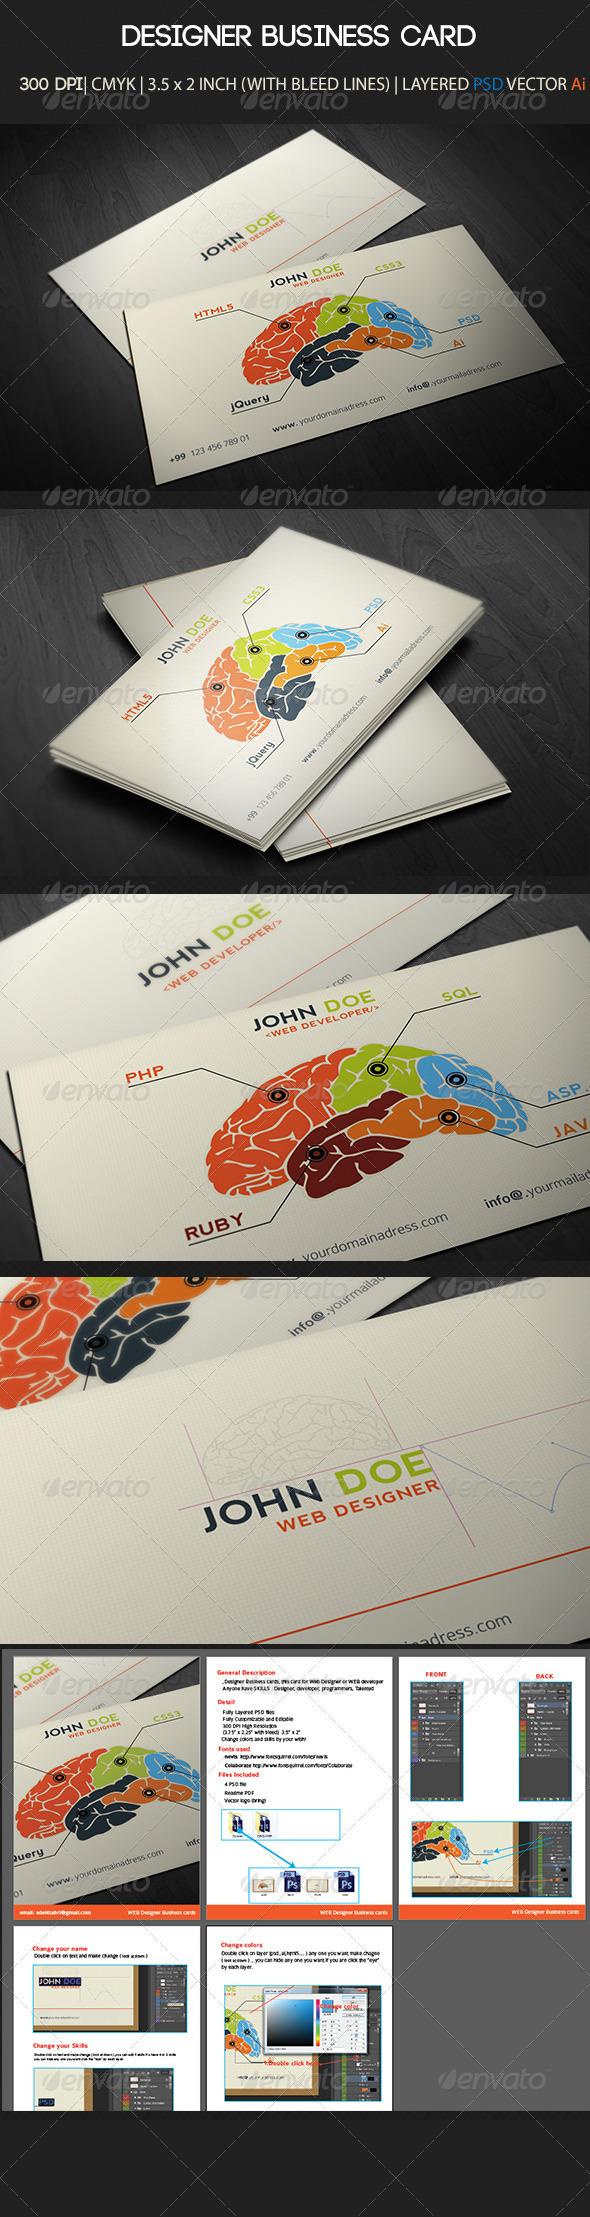 GraphicRiver Designer Business Card 3146456